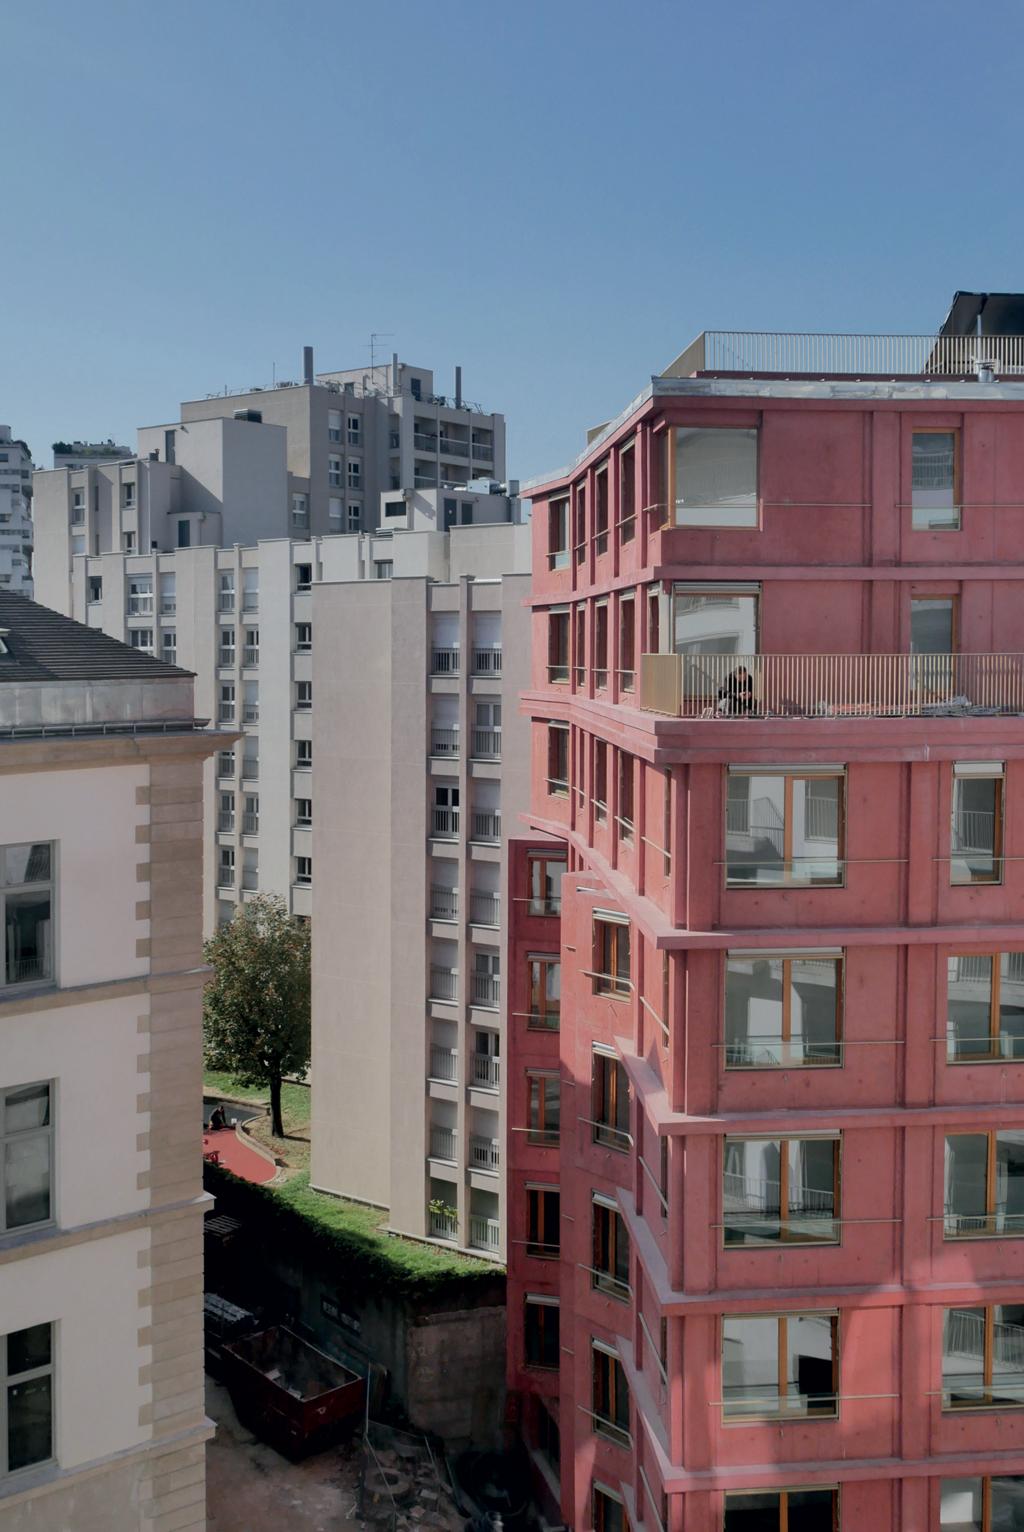 L'opération comprend la transformation des bâtiments historiques et la construction de 582logements, dont 50% sociaux, confiés à six équipes d'architectes, sous l'égide de l'agenceh2o, en charge de la maîtrise d'œuvre urbaine. © Julien Colom